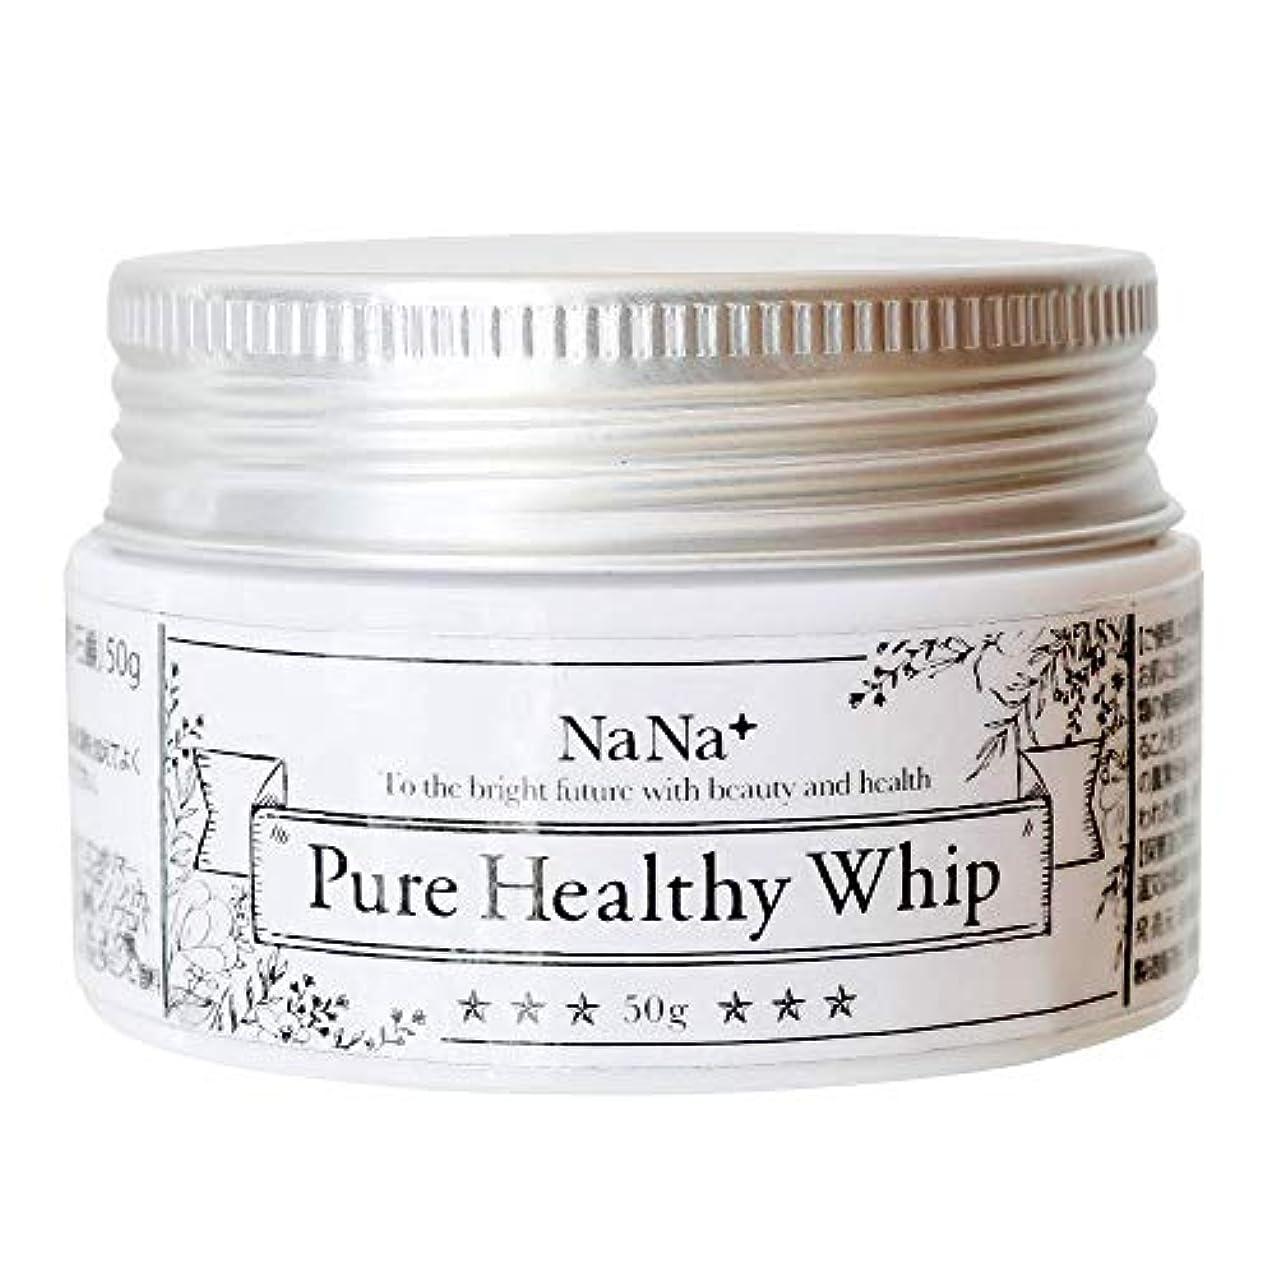 説得力のあるパッド行く洗顔 生せっけん 敏感肌 乾燥肌 の 毛穴 くすみ 黒ずみ ケア 肌に優しい無添加  nana+ピュアヘルシーホイップ